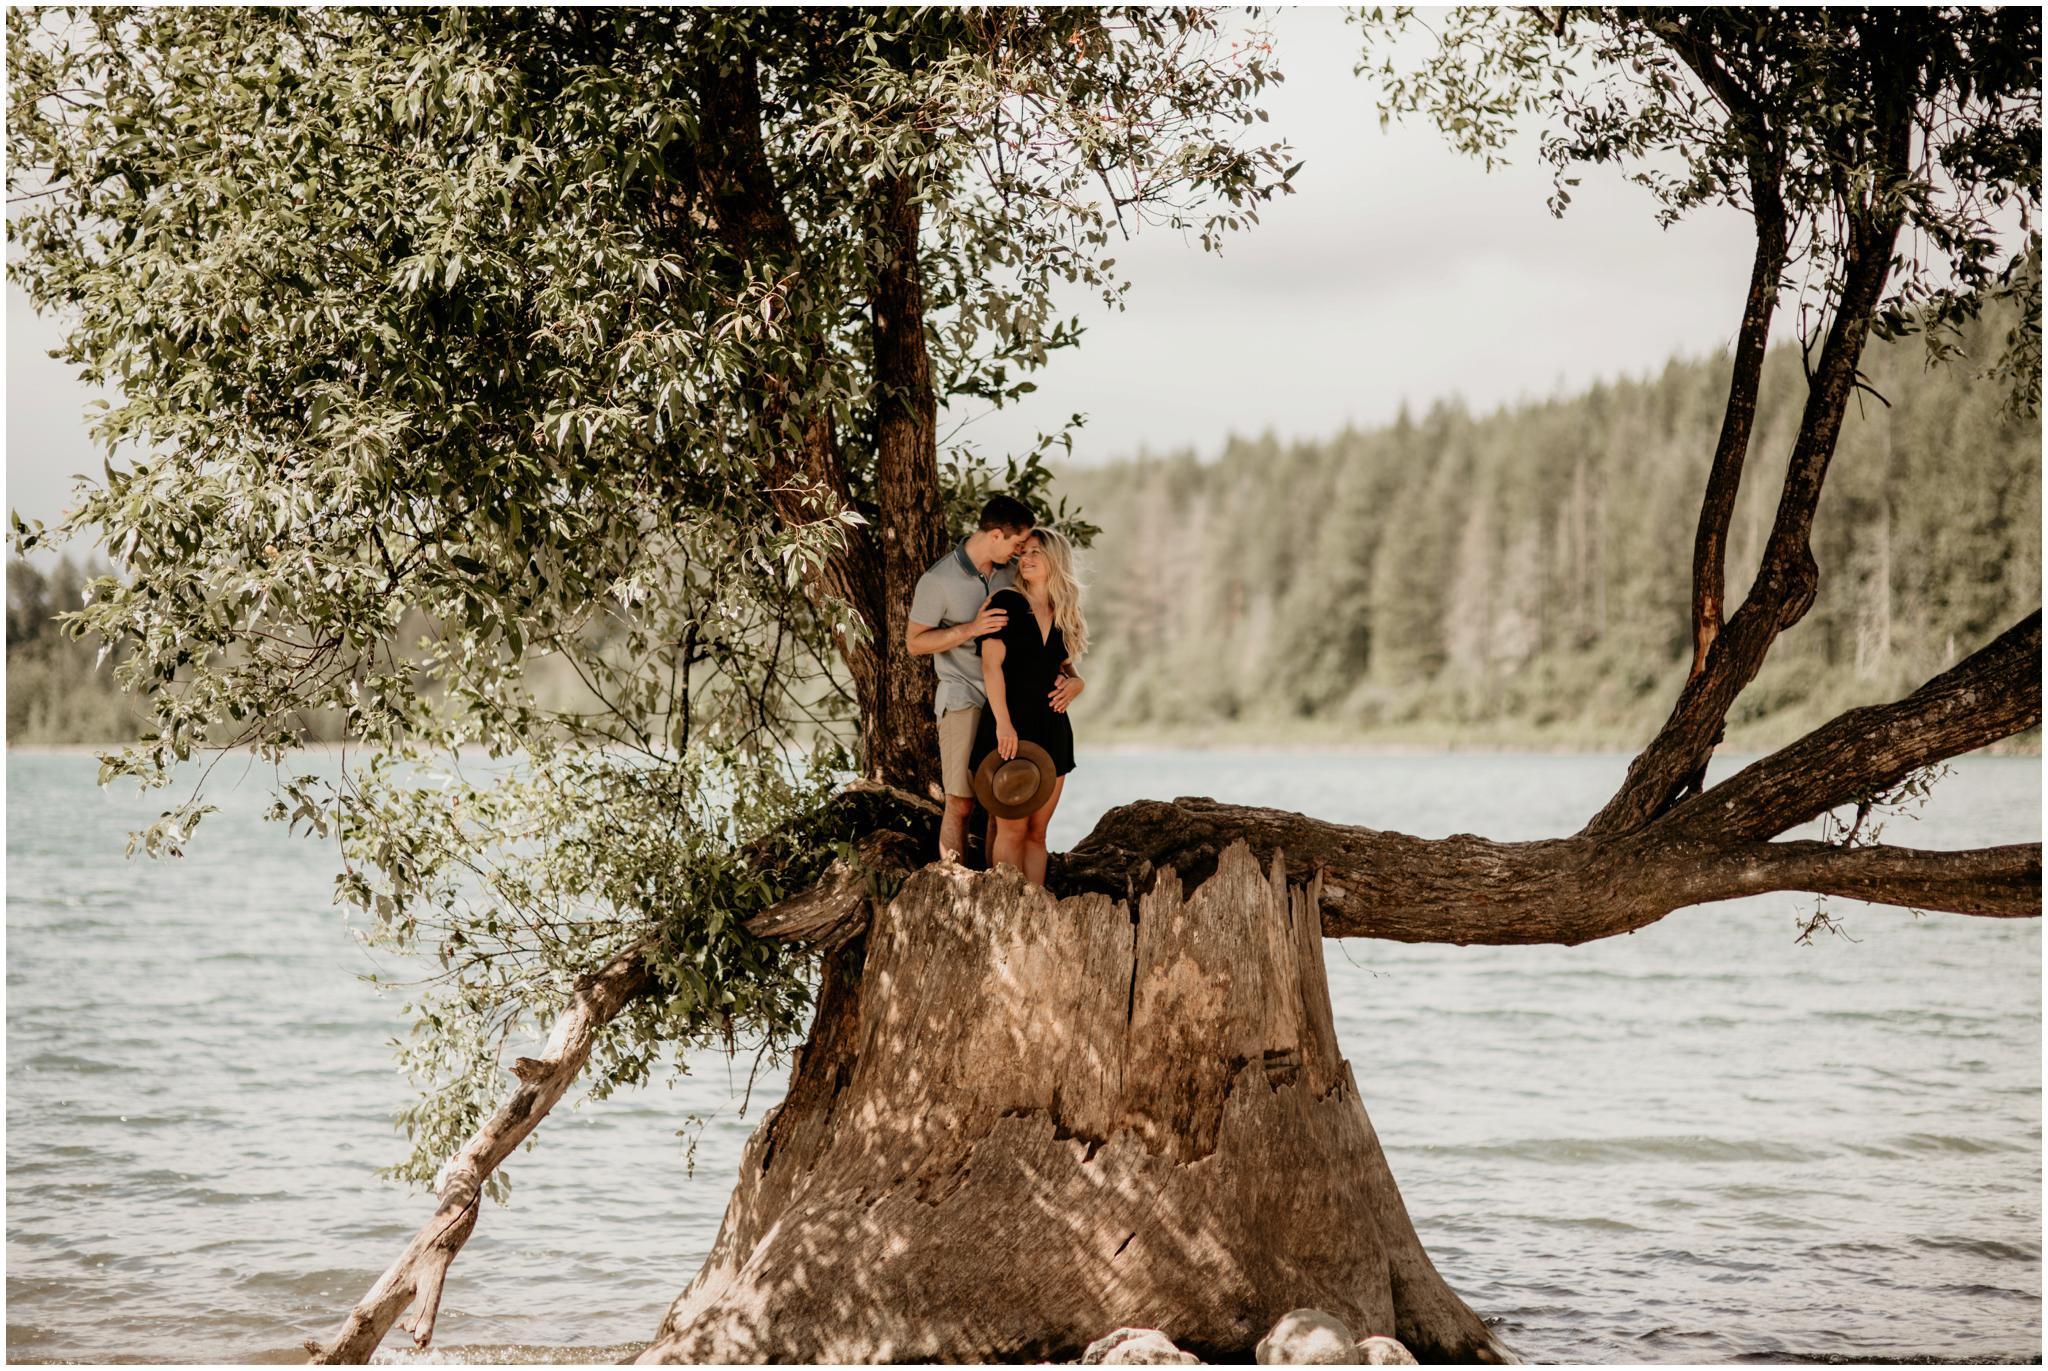 katie-nolan-rattlesnake-lake-engagement-session-seattle-wedding-photographer-014.jpg